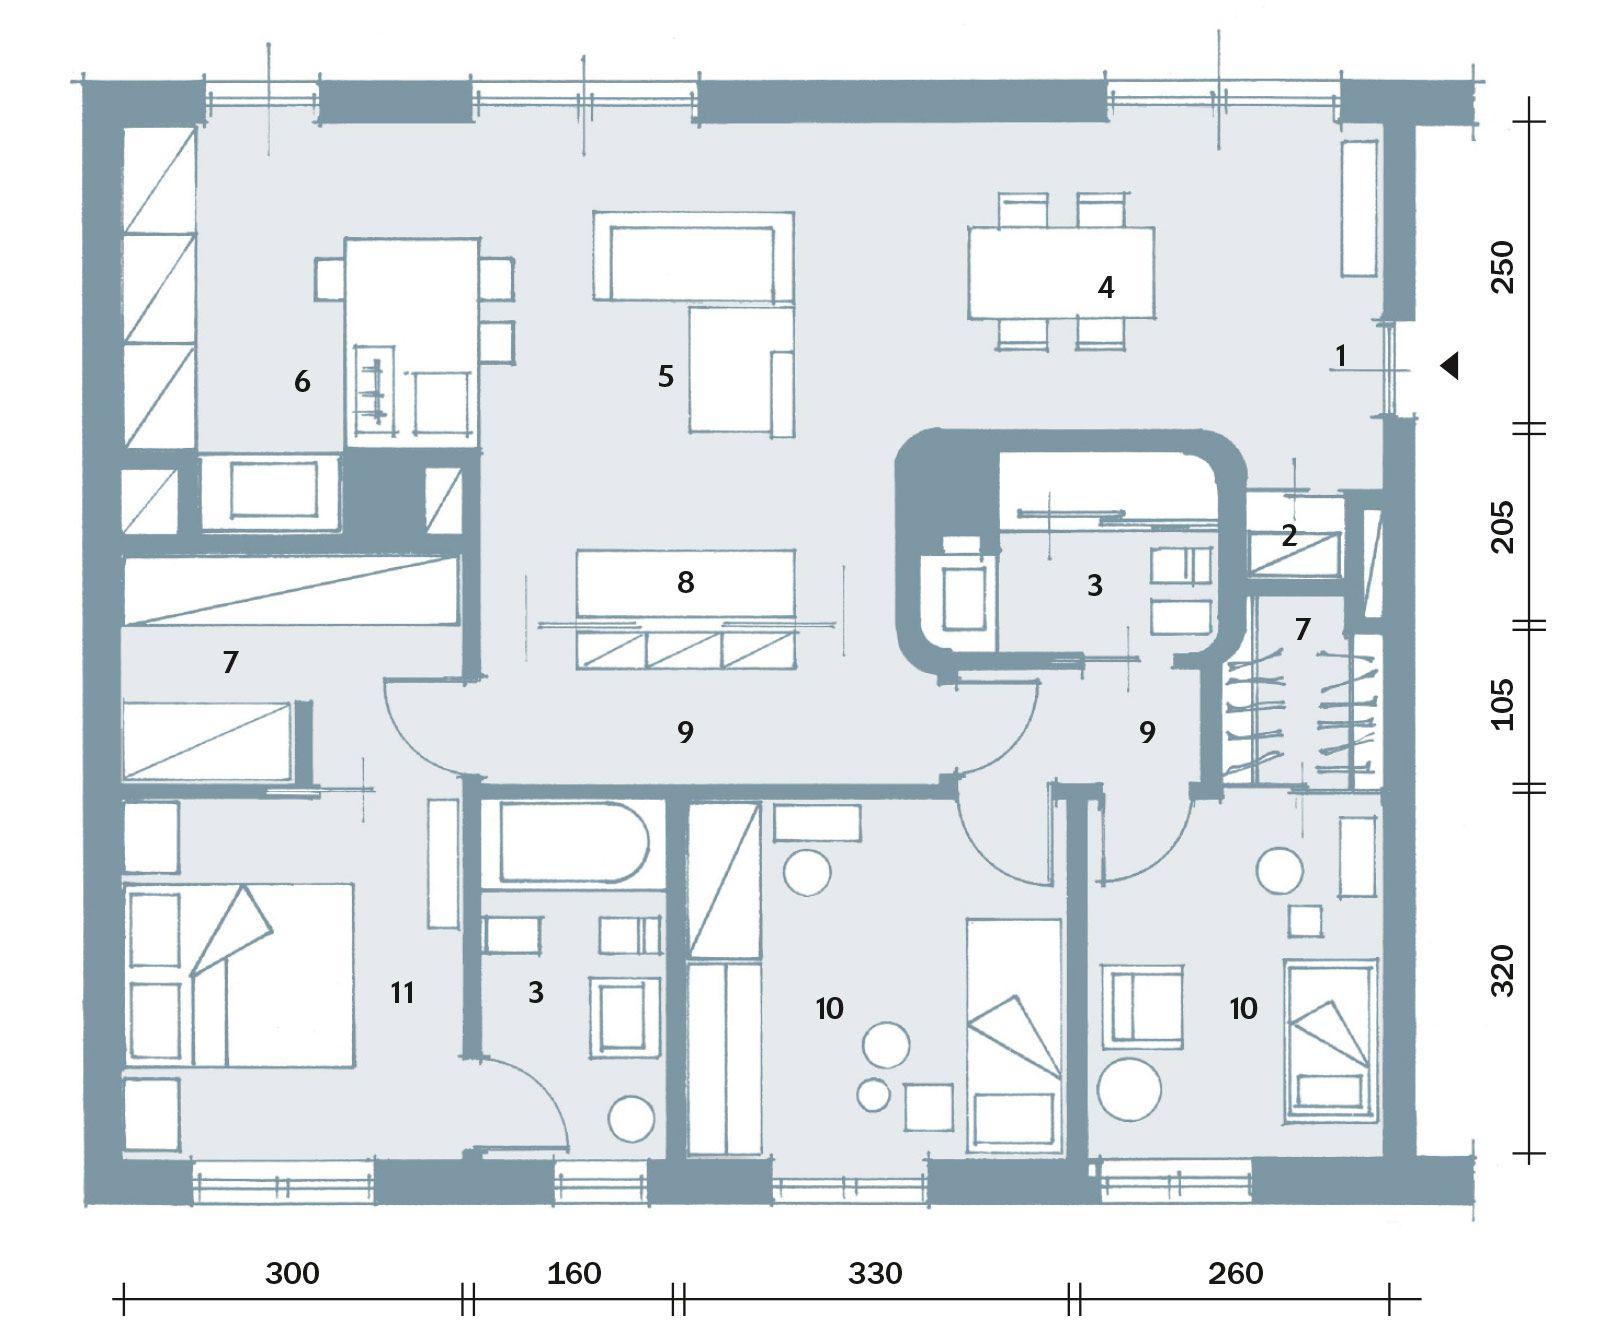 Suddivisioni ottimizzate per la casa di meno di 100 mq for 3 camere da letto 2 bagni piani ranch